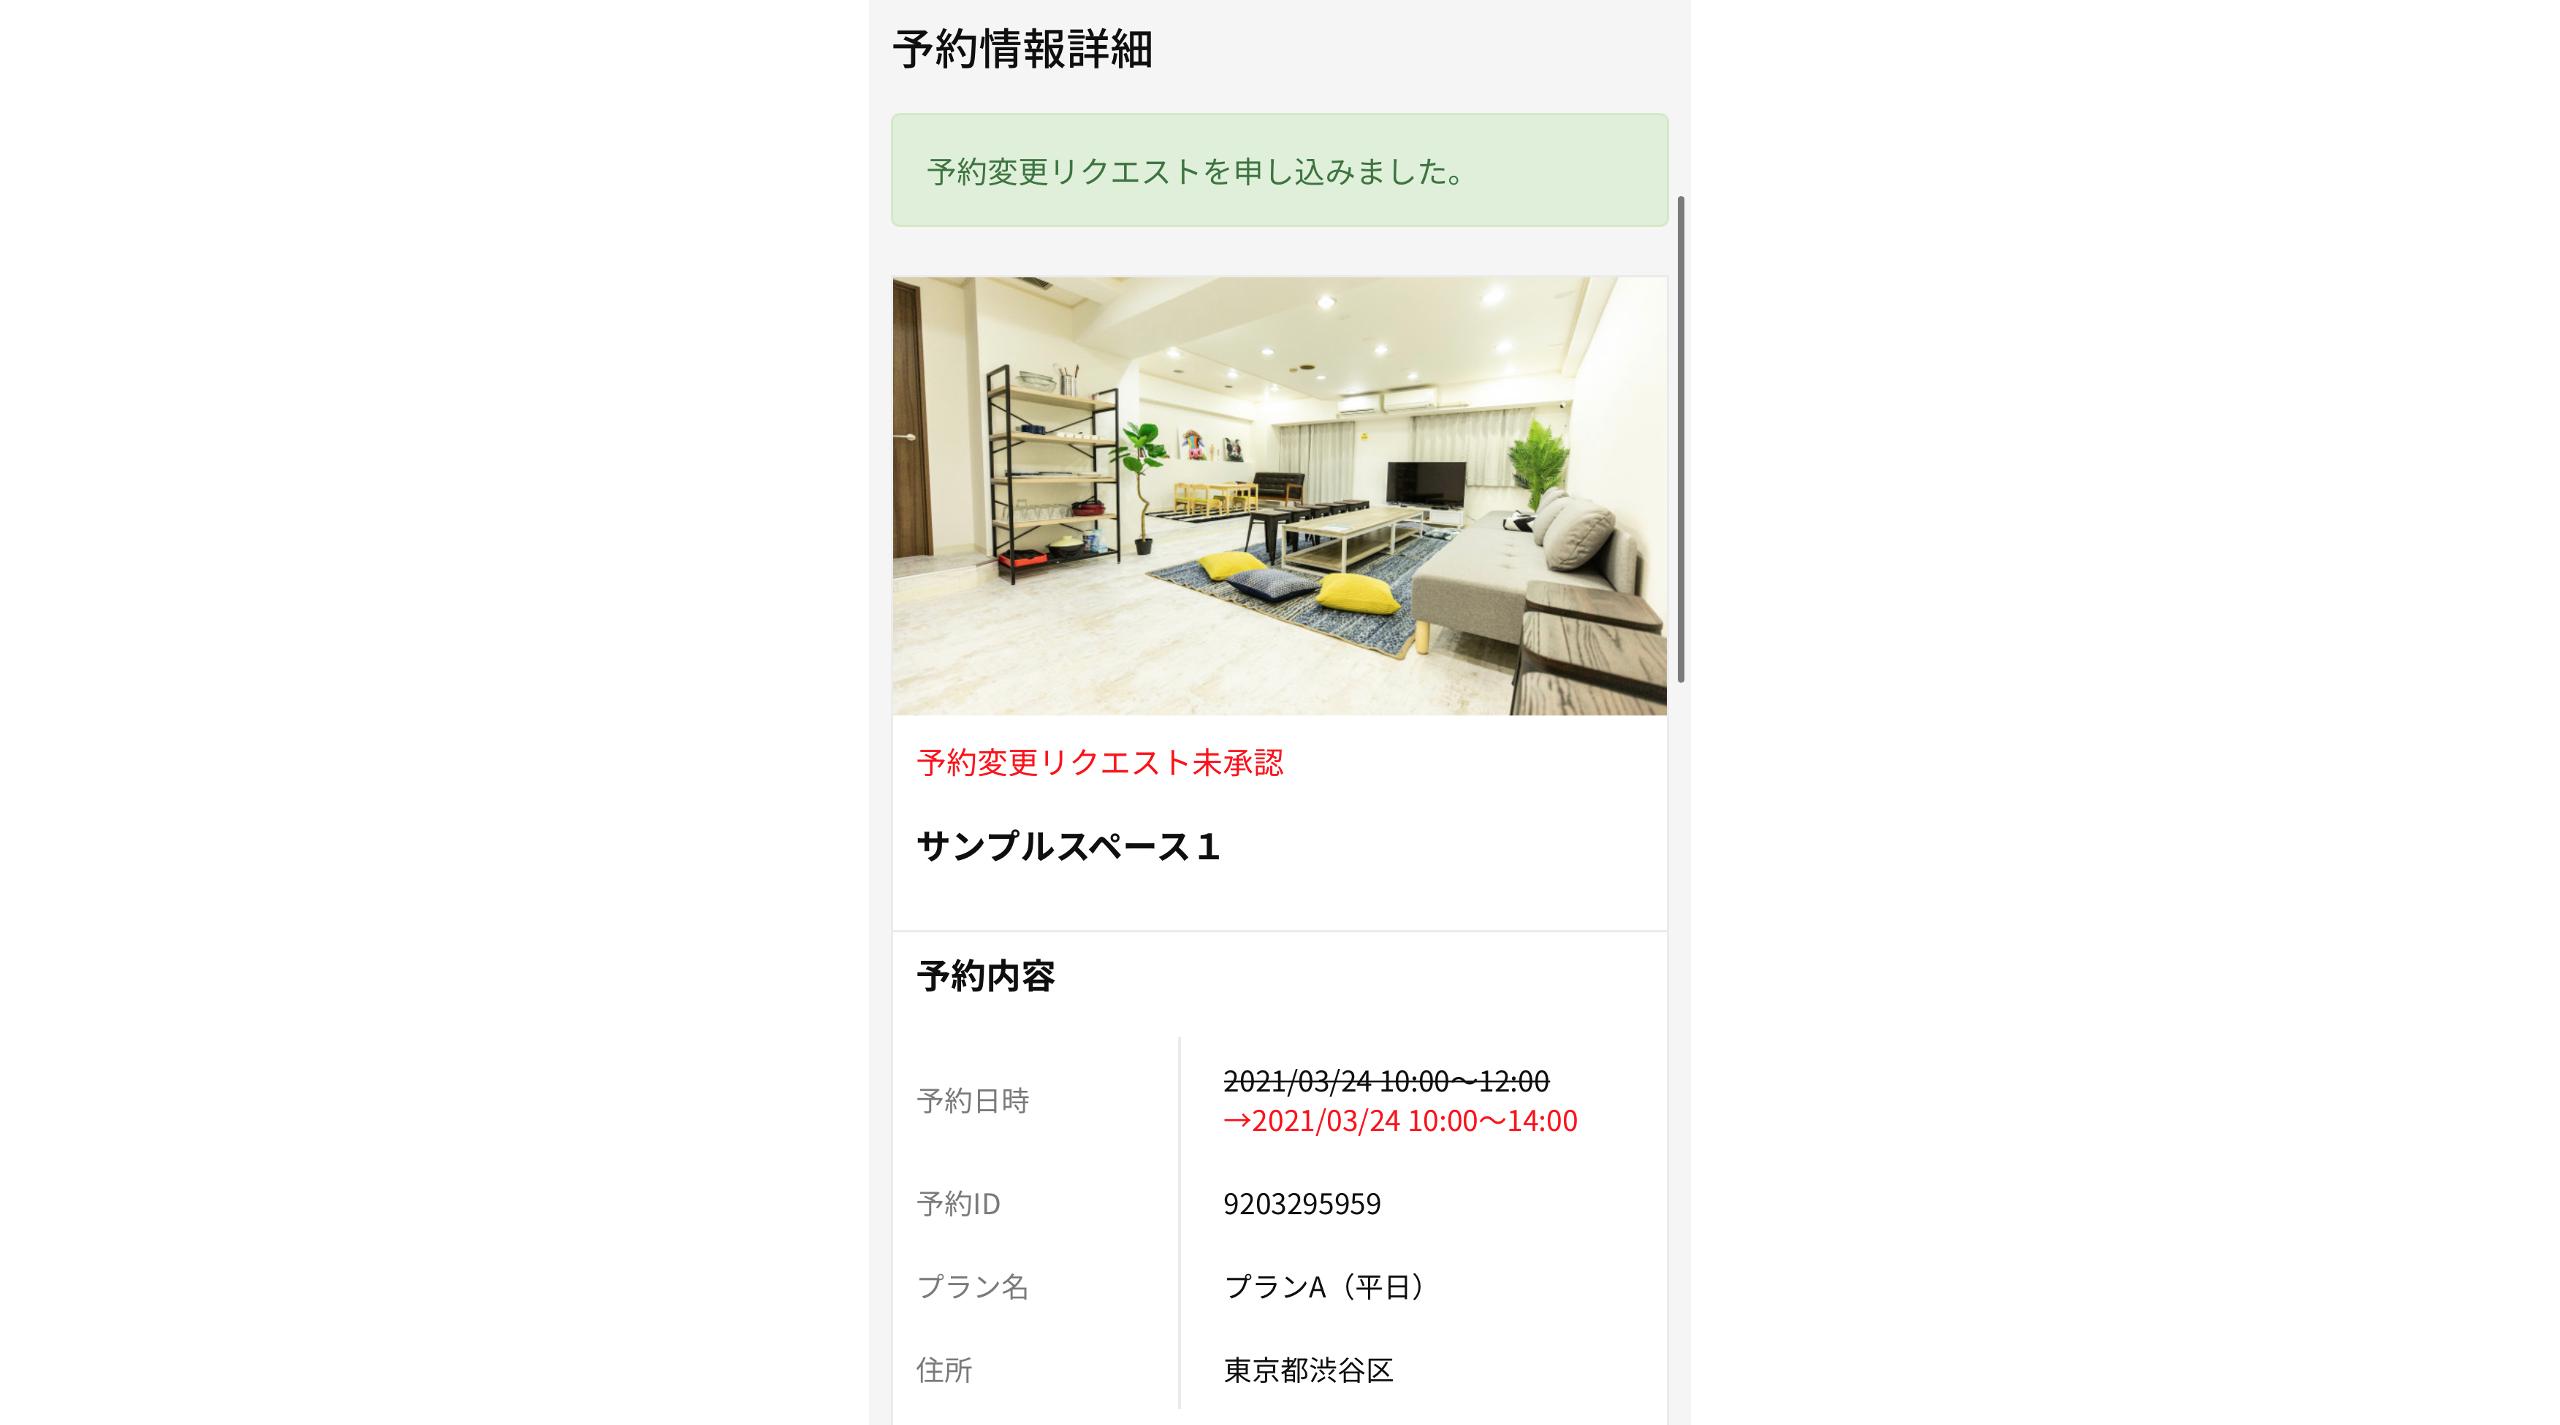 スクリーンショット 2021-03-19 15.52.49.png